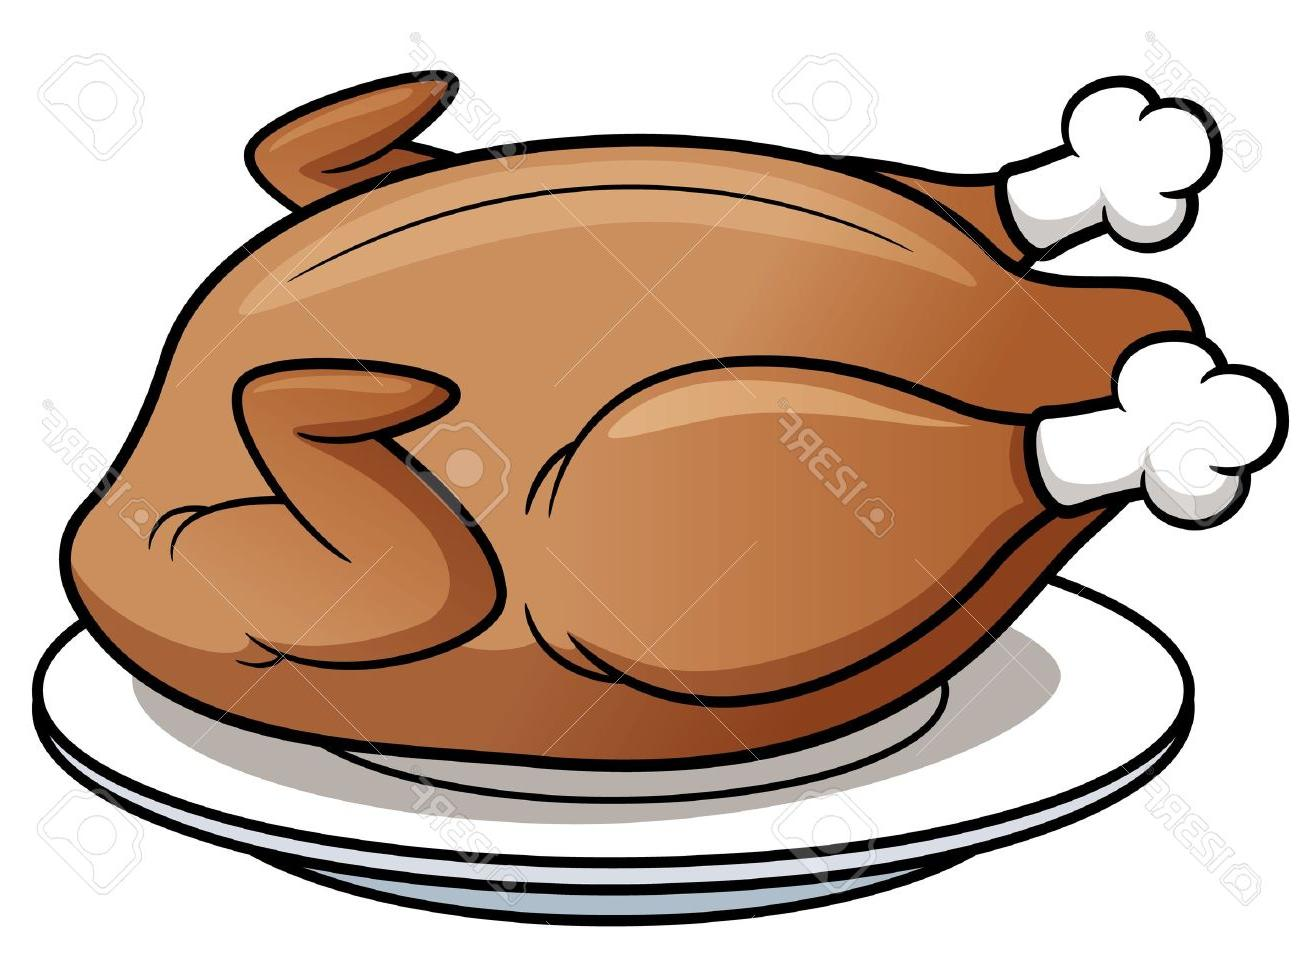 1300x975 Vector Illustration Of Roast Chicken Stock Cartoon